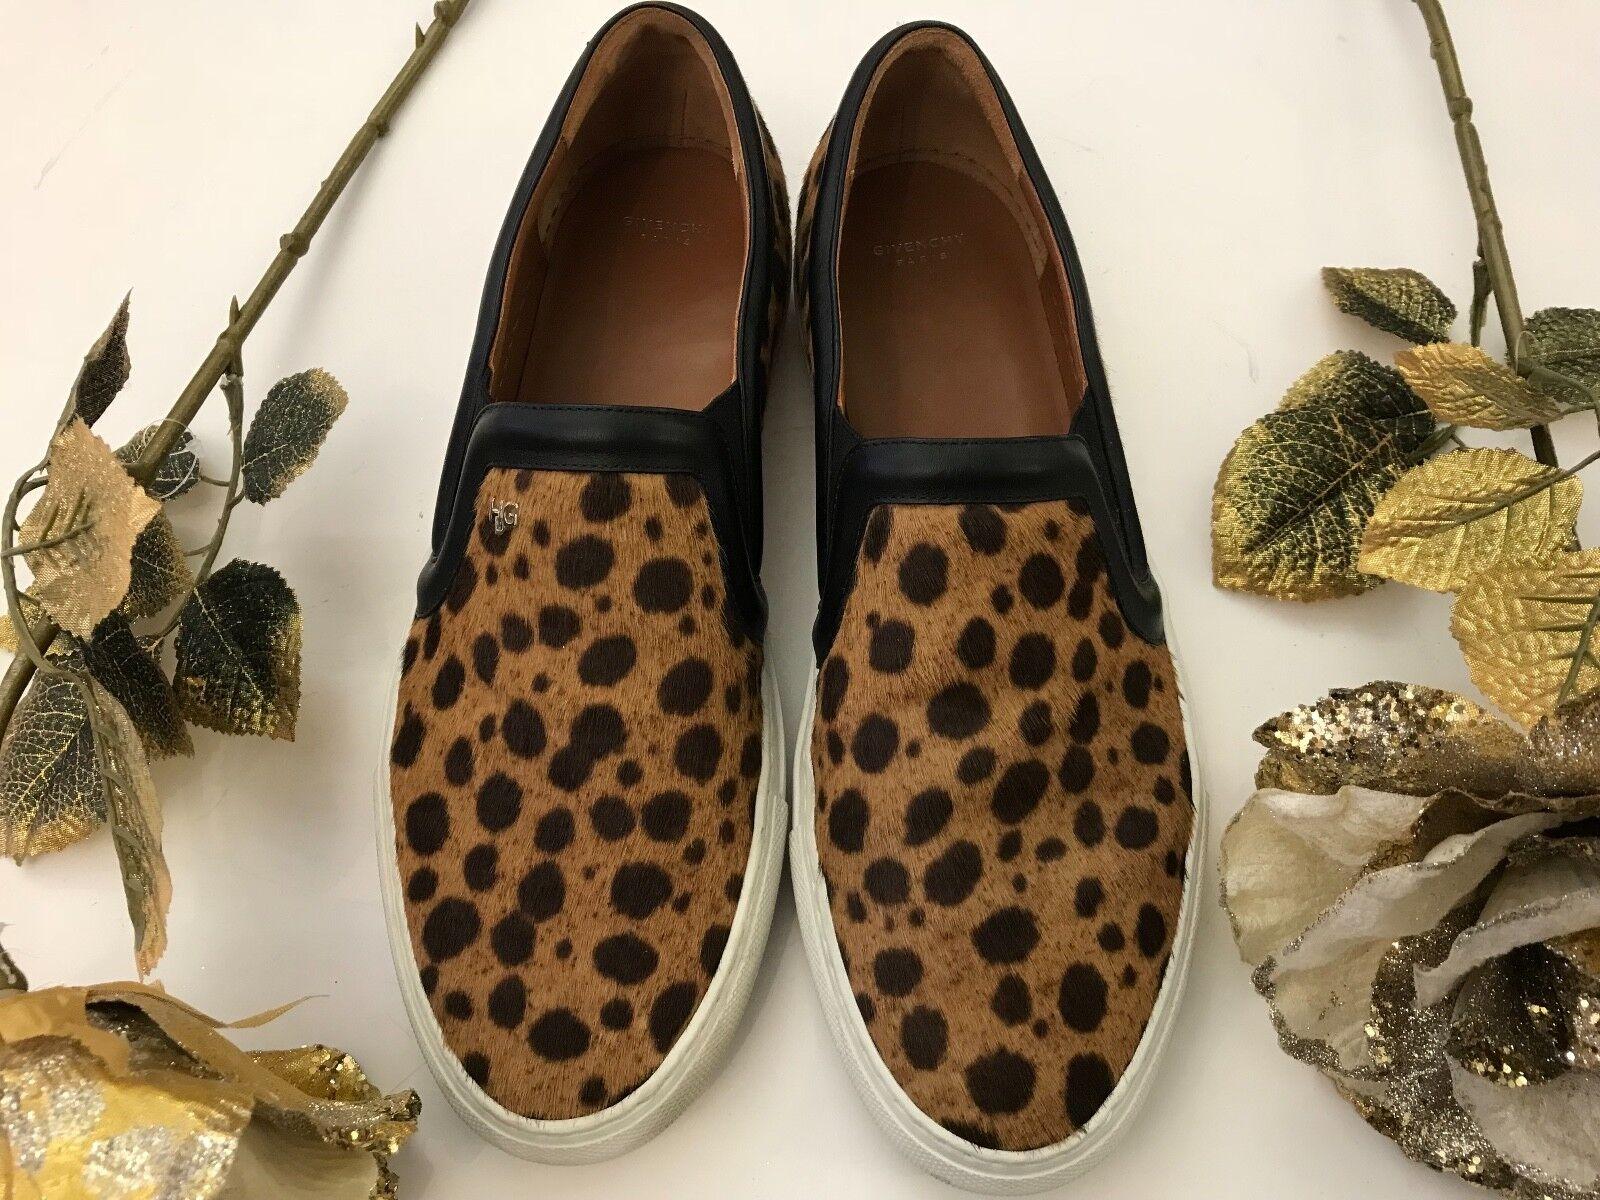 Givenchy Givenchy Givenchy Leopardo Impresión de la Pantorrilla Cabello-Resbalón en Zapatillas  más vendido